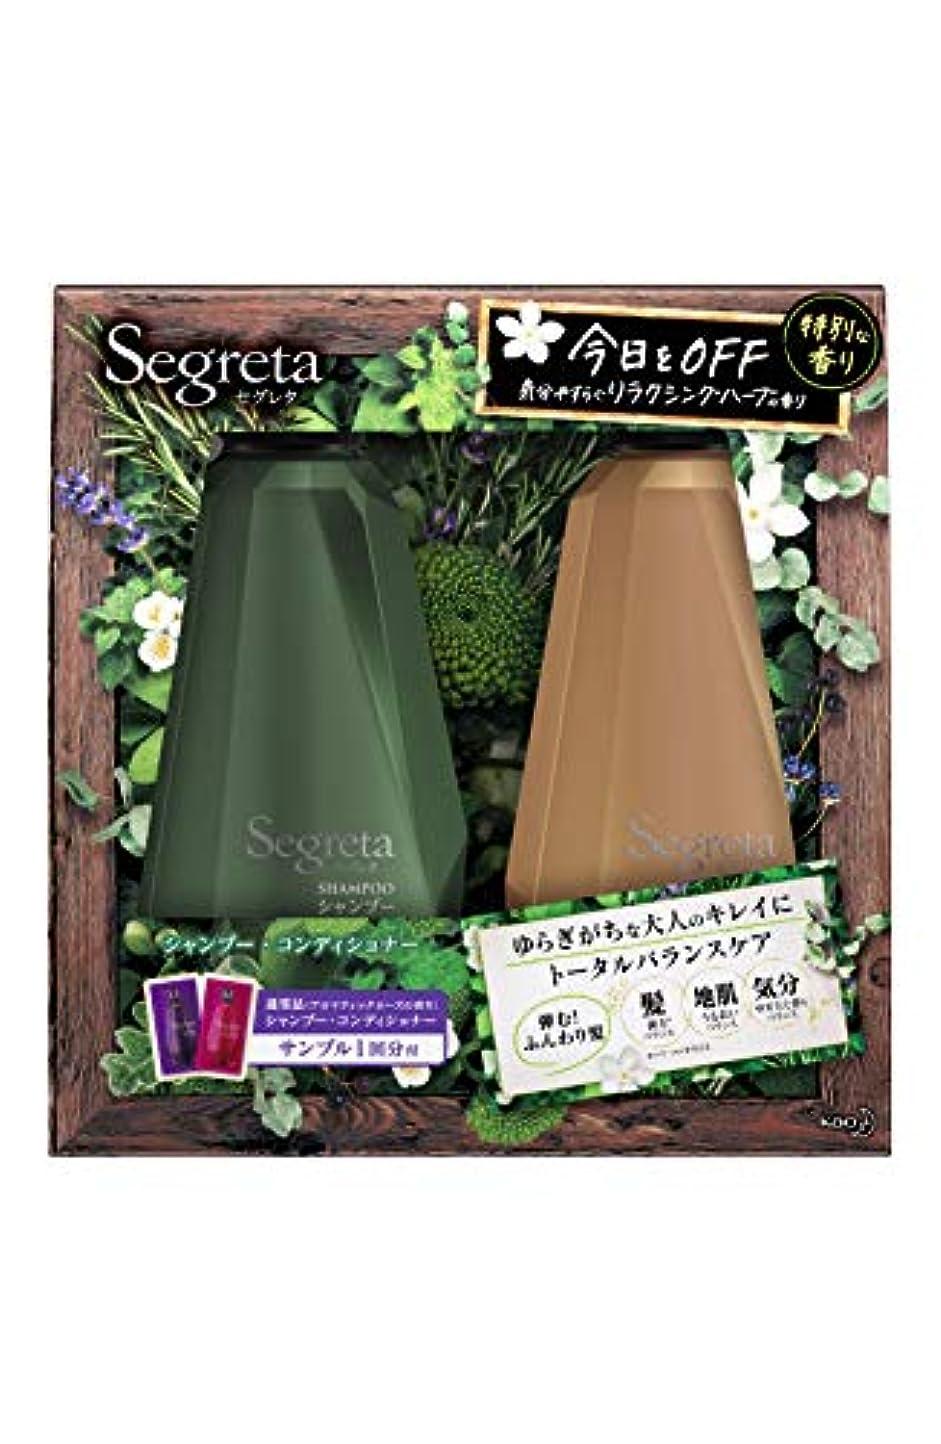 ブレイズ最終的に終わったセグレタ ポンプペア リラクシングハーブの香り (シャンプー430ml+コンディショナー430ml) セグレタアロマティックローズの香りシャンプー?コンディショナーサンプル1回分付き